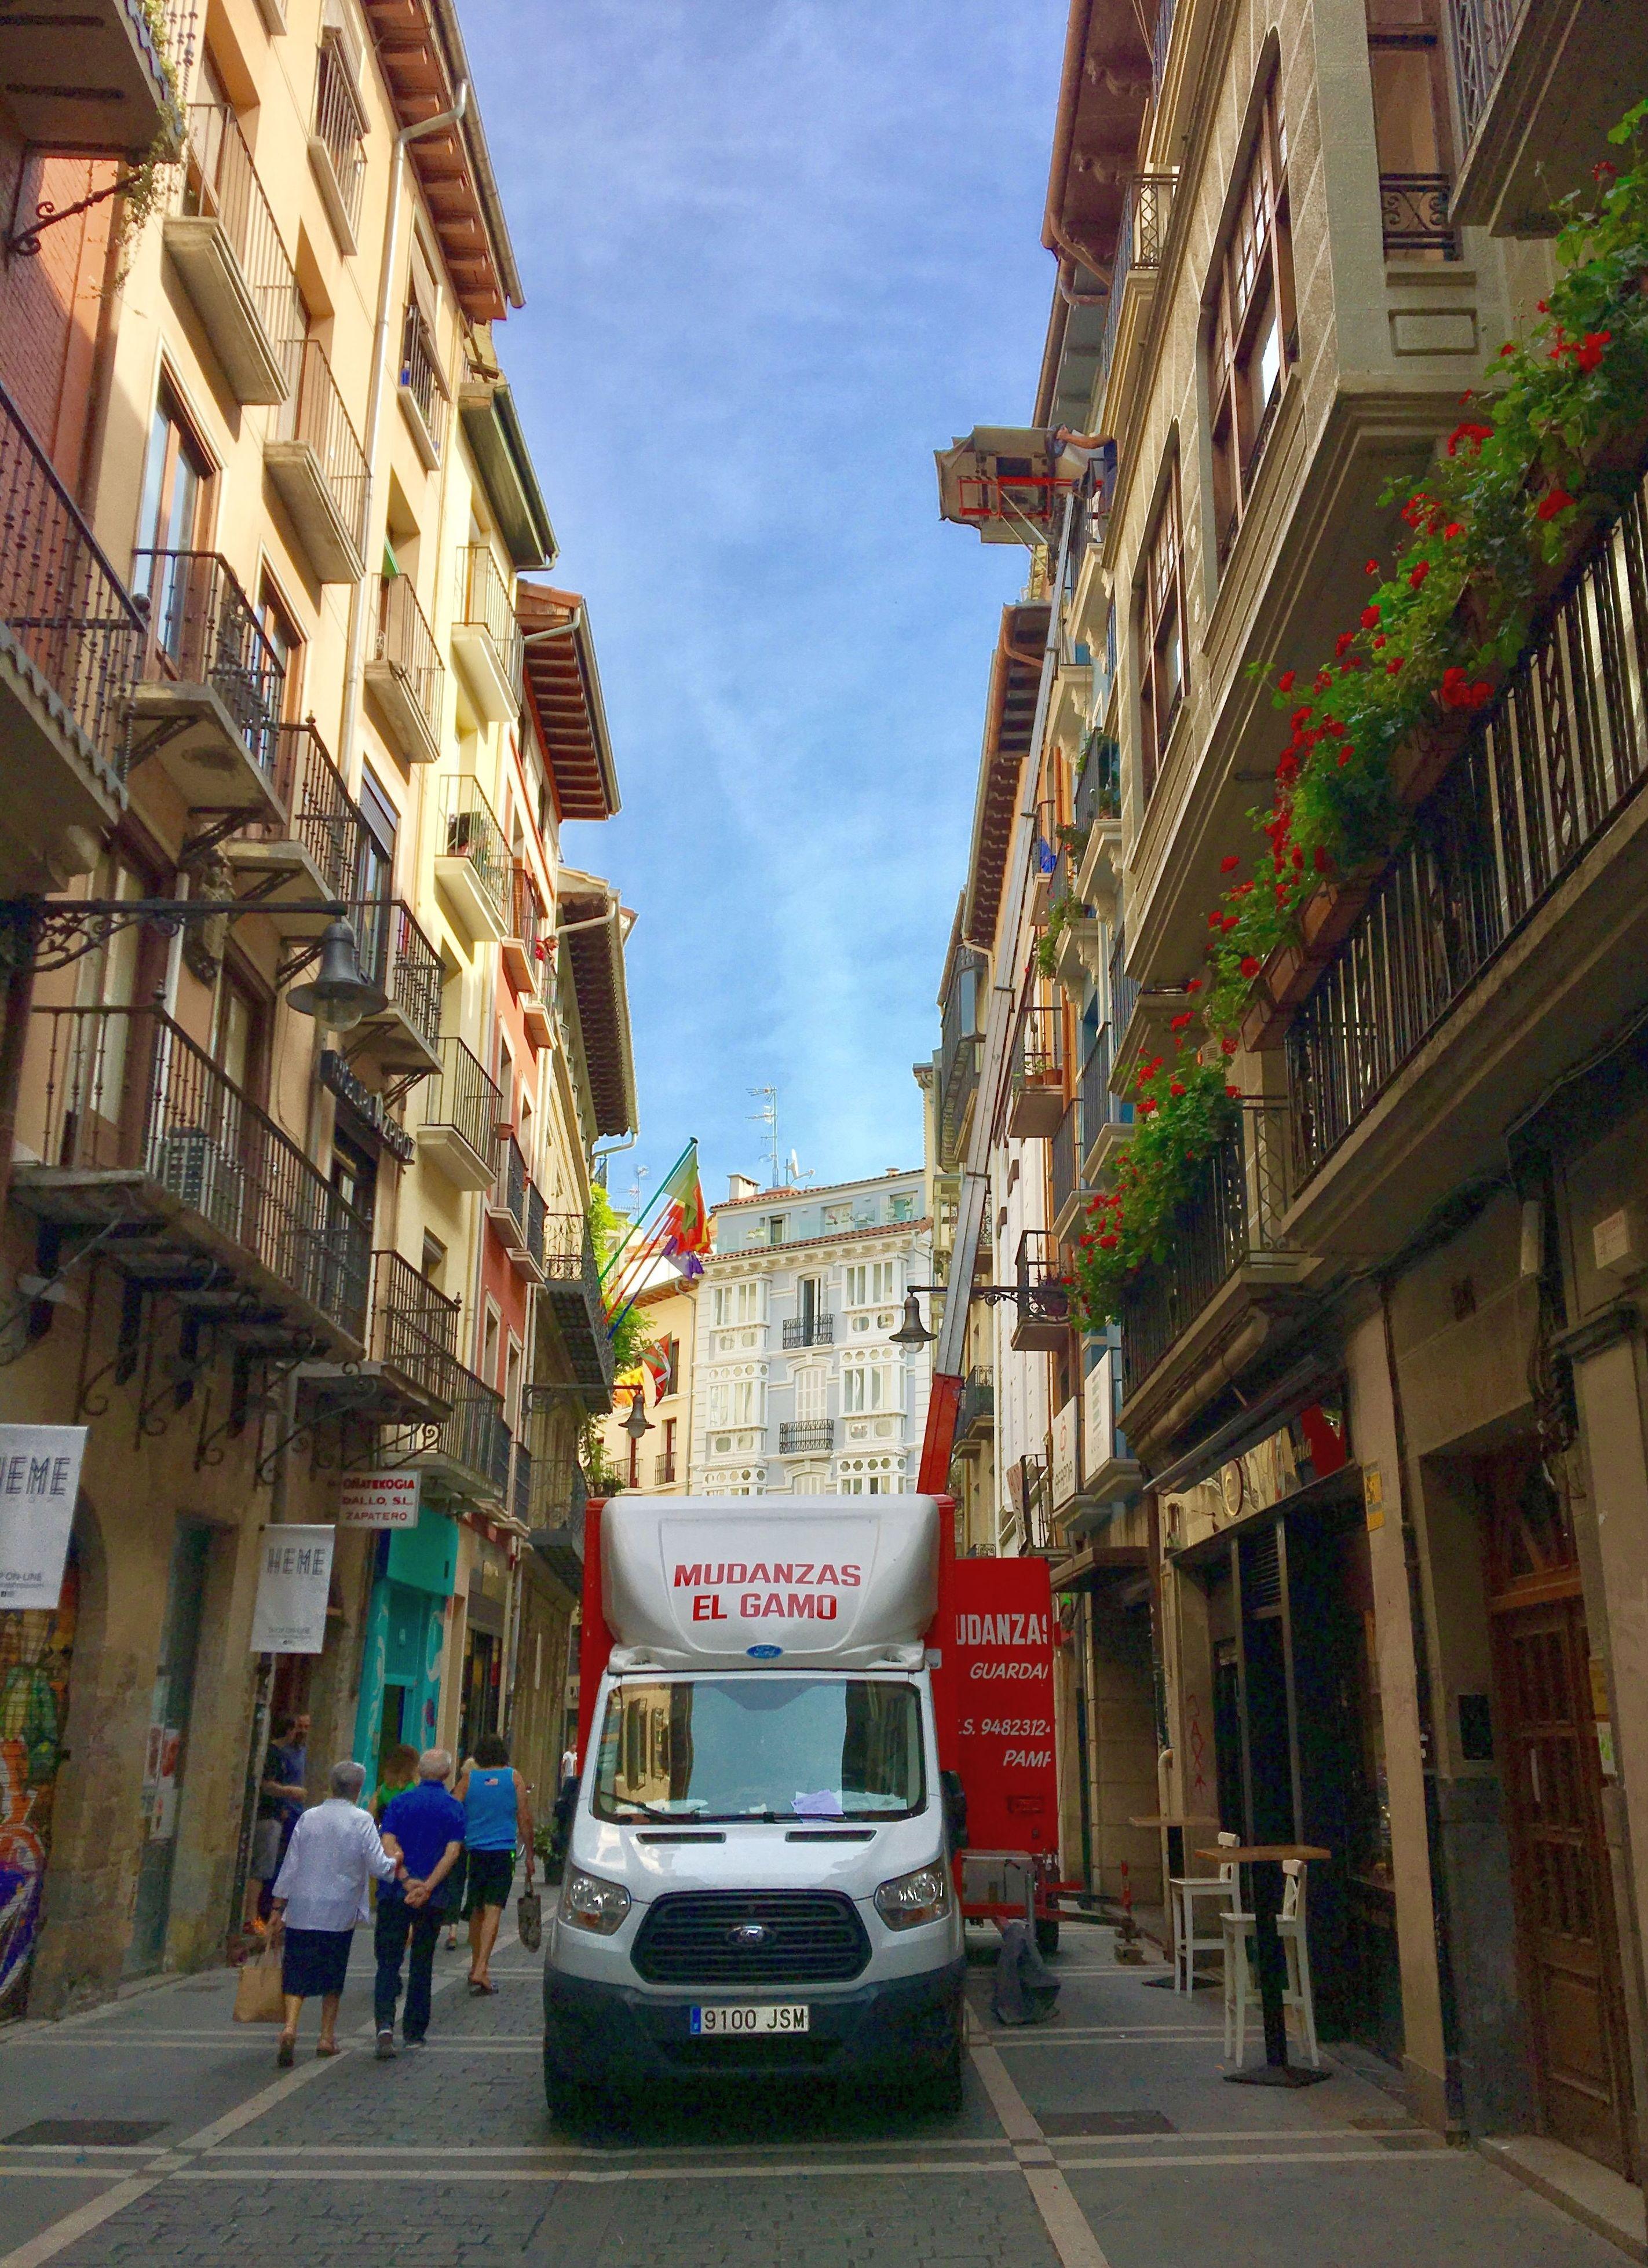 Mudanza con montamuebles en lo viejo, Pamplona \u002D Iruña , Navarra